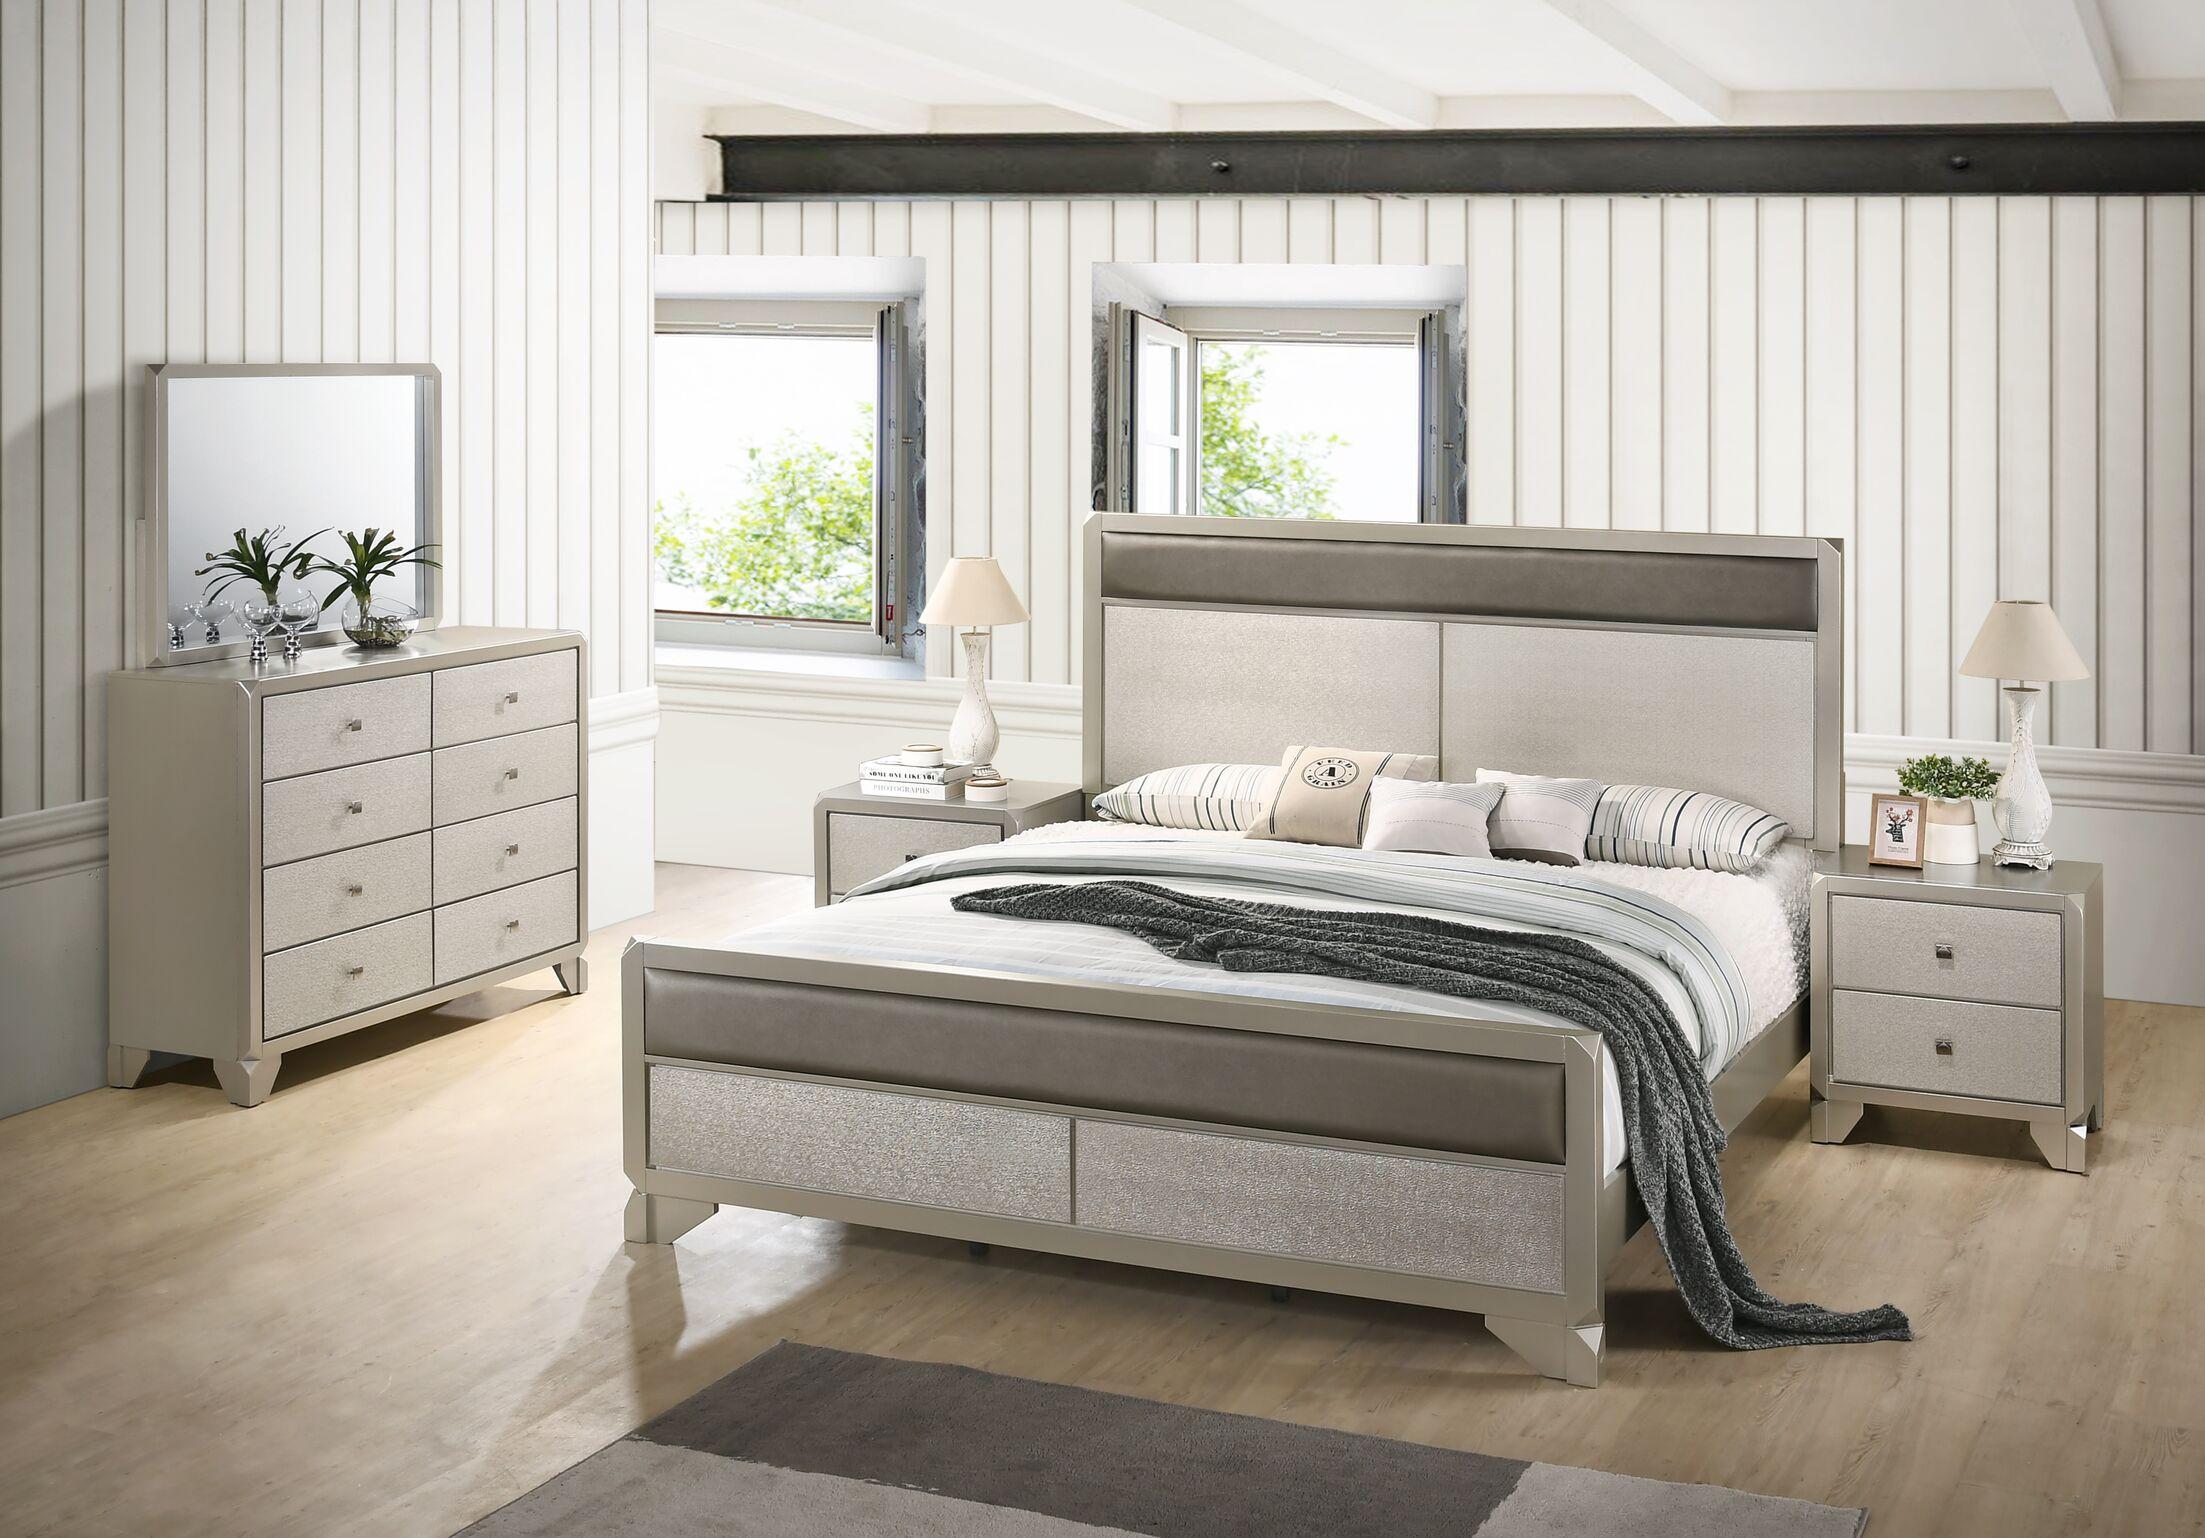 Yates Panel 4 Piece Bedroom Set Size: Queen